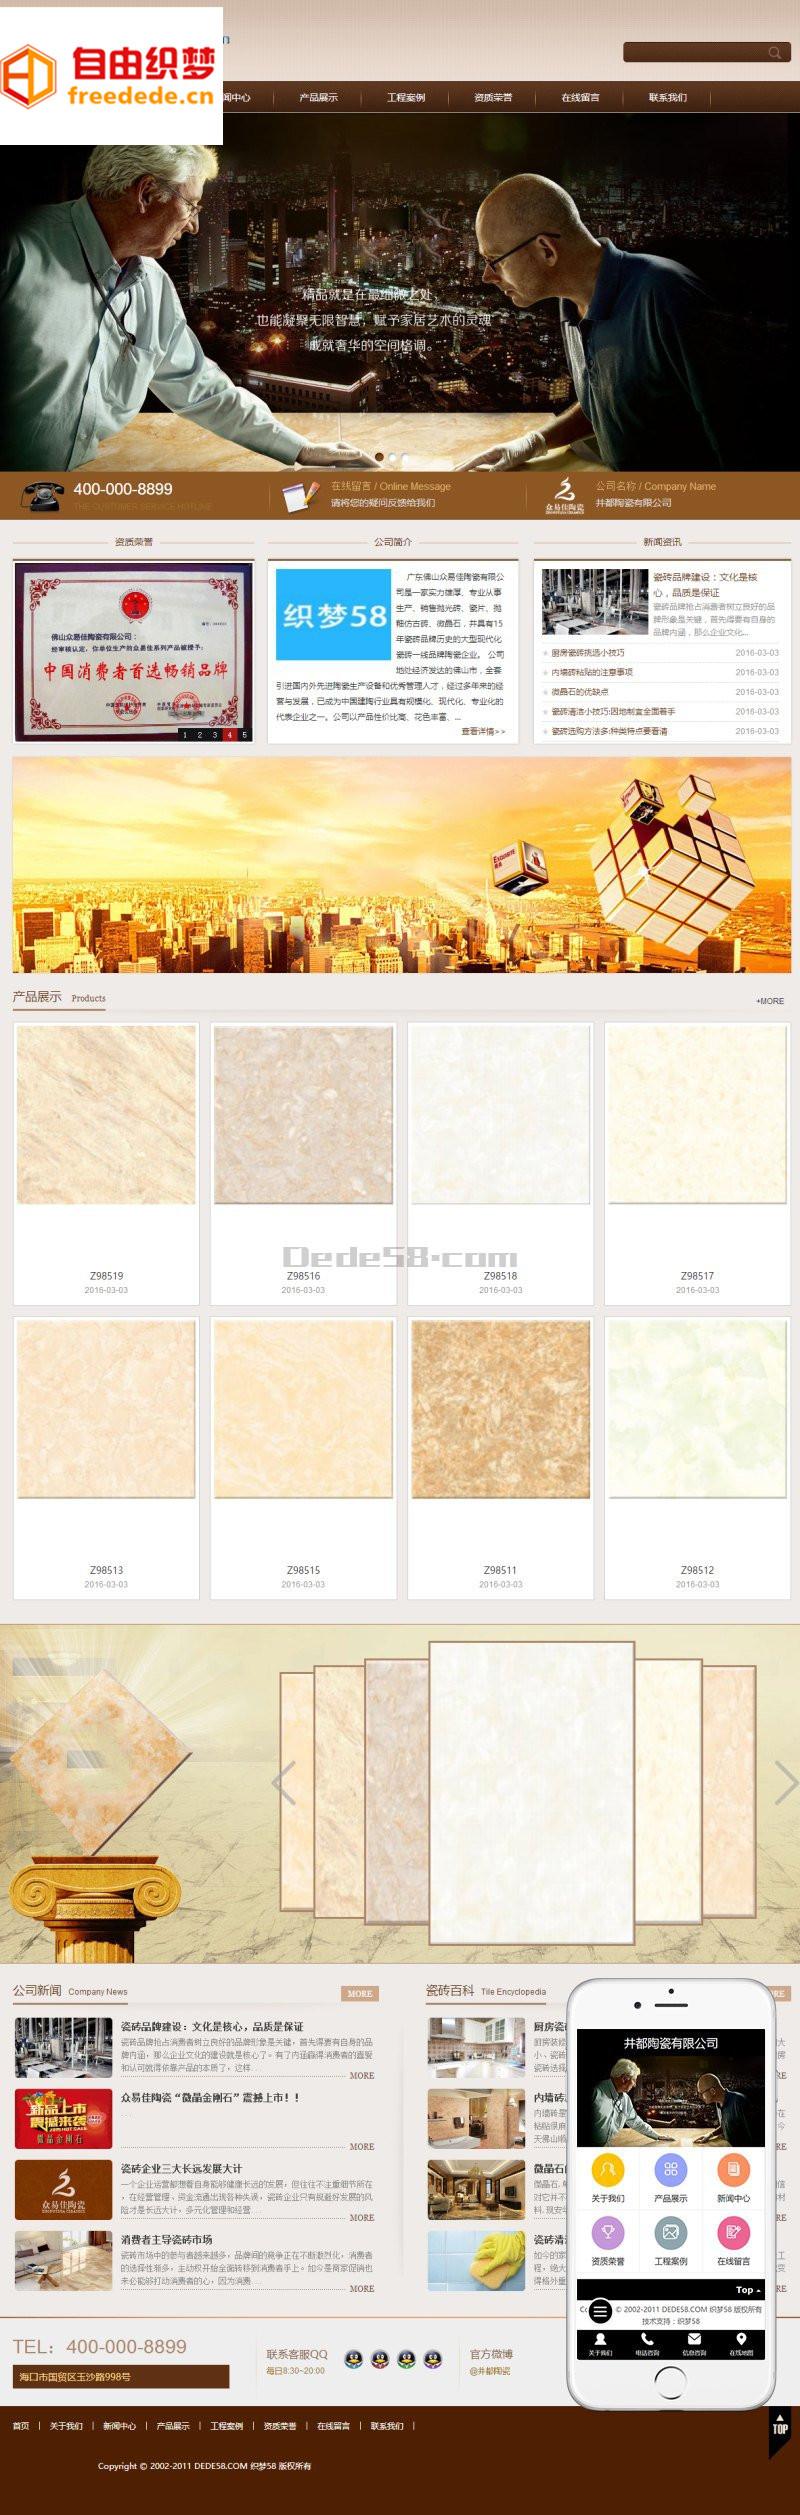 爱上源码网文章营销型棕色陶瓷类企业通用织梦模板(带手机版)整站源码下载的内容插图